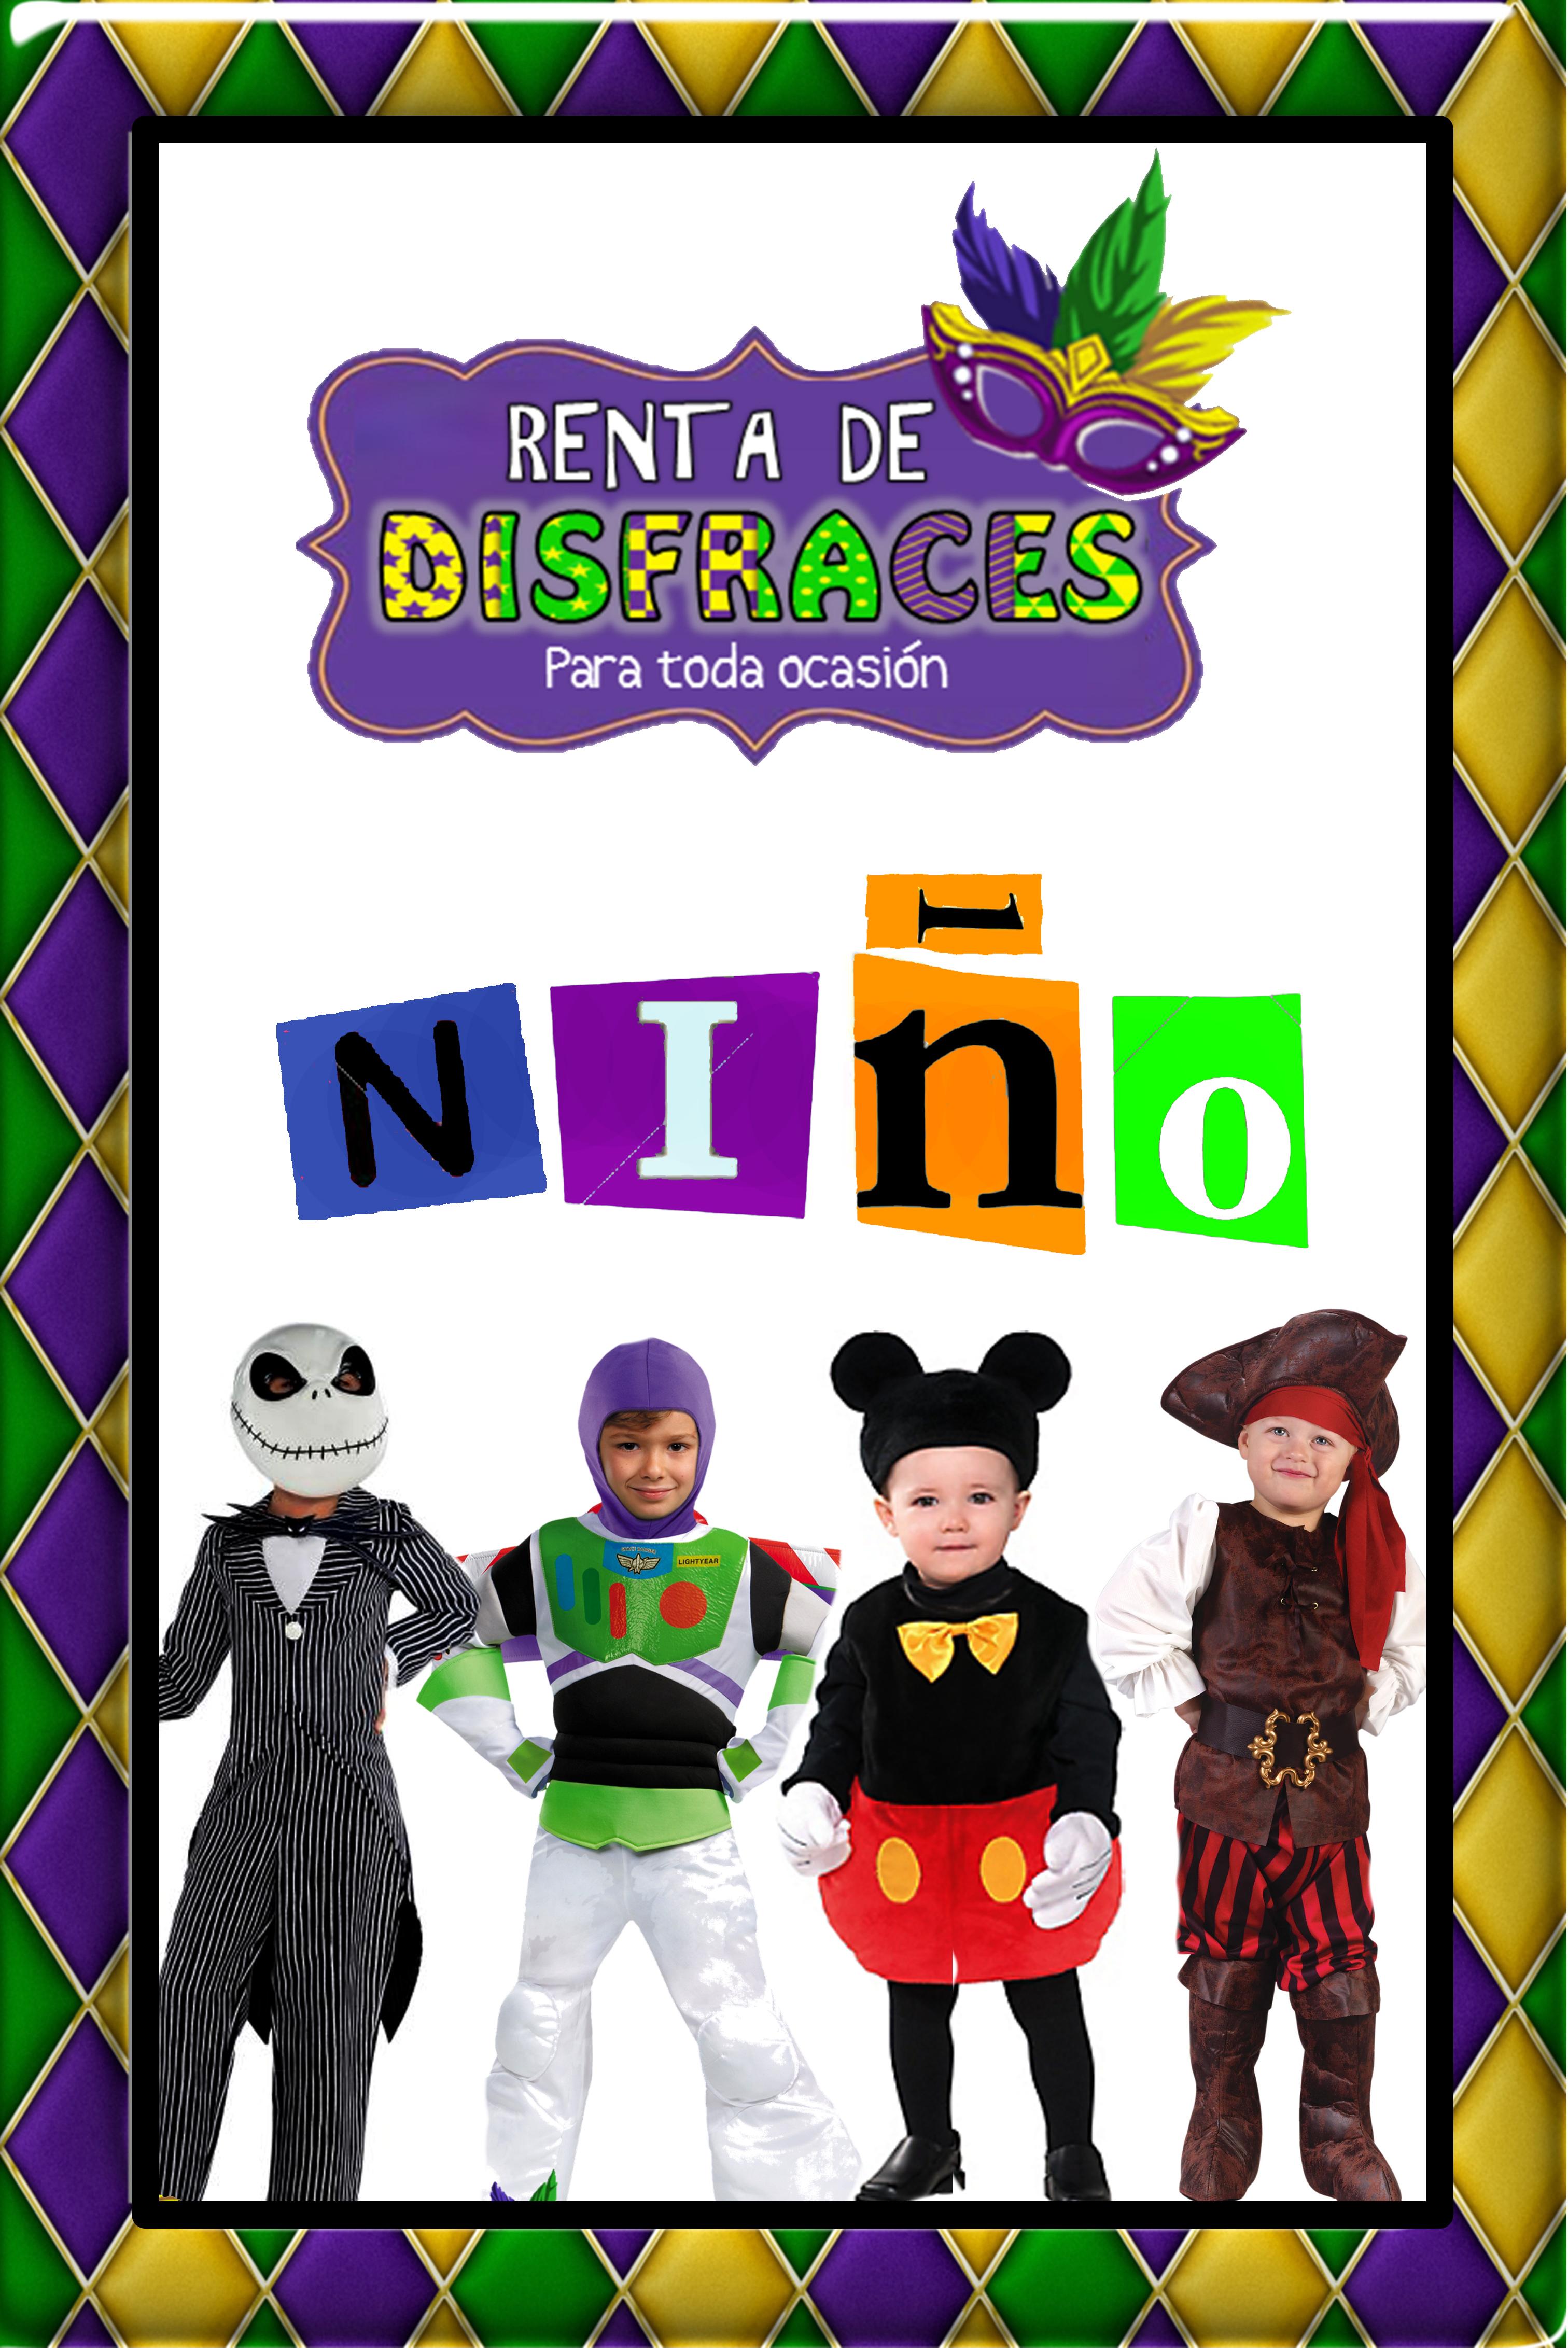 RENTA DE DISFRACES PARA NIÑO